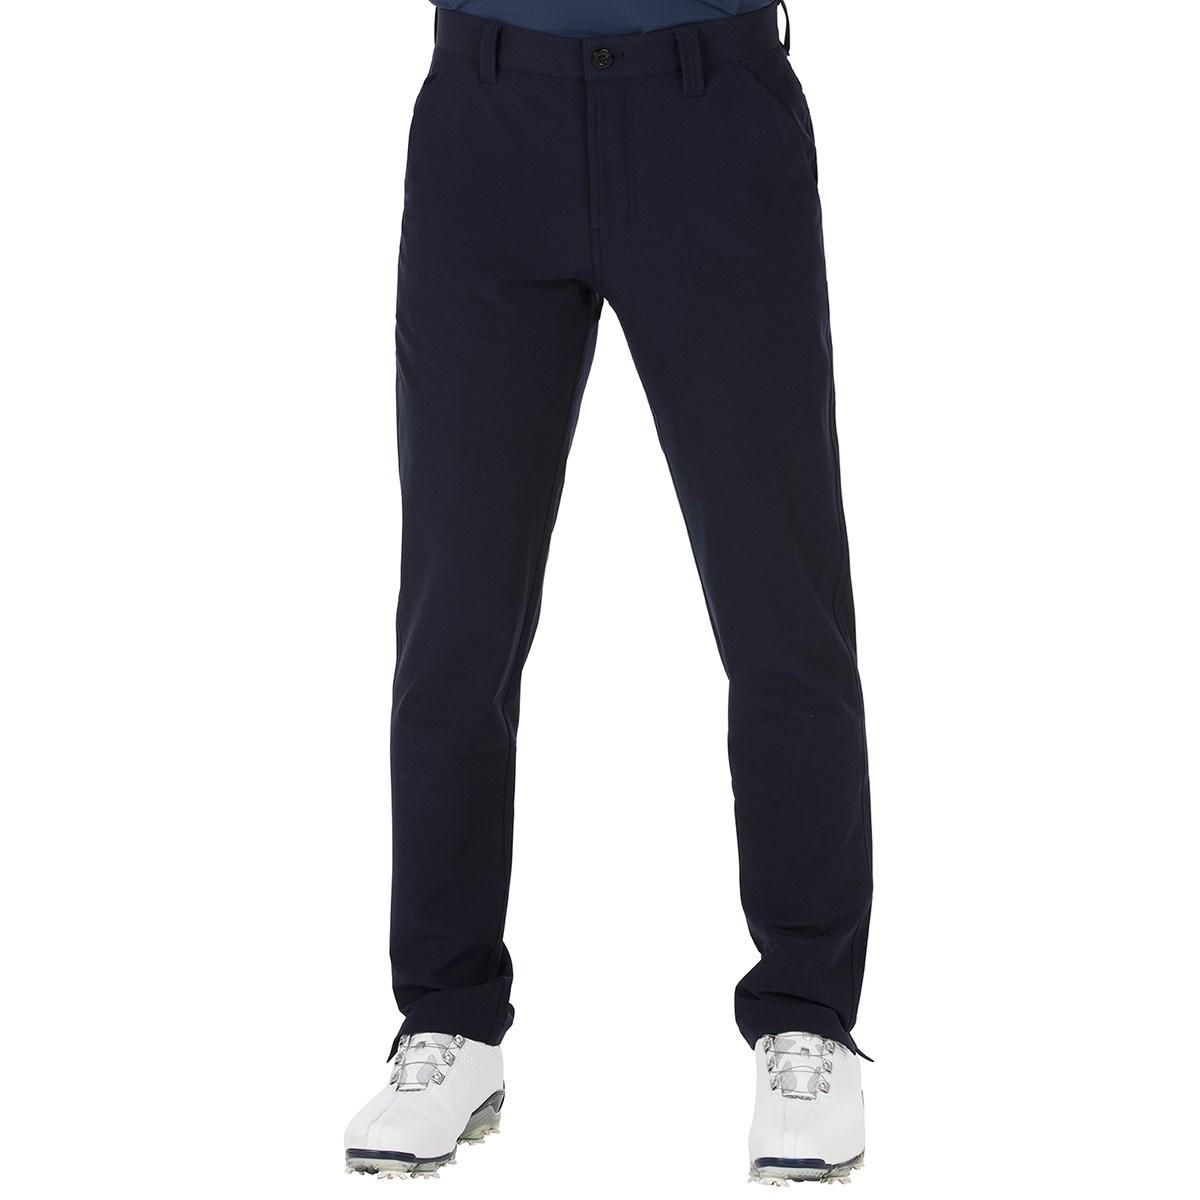 GDO オリジナル 2WAYストレッチ6ポケットゴルフパンツ 股下79cm